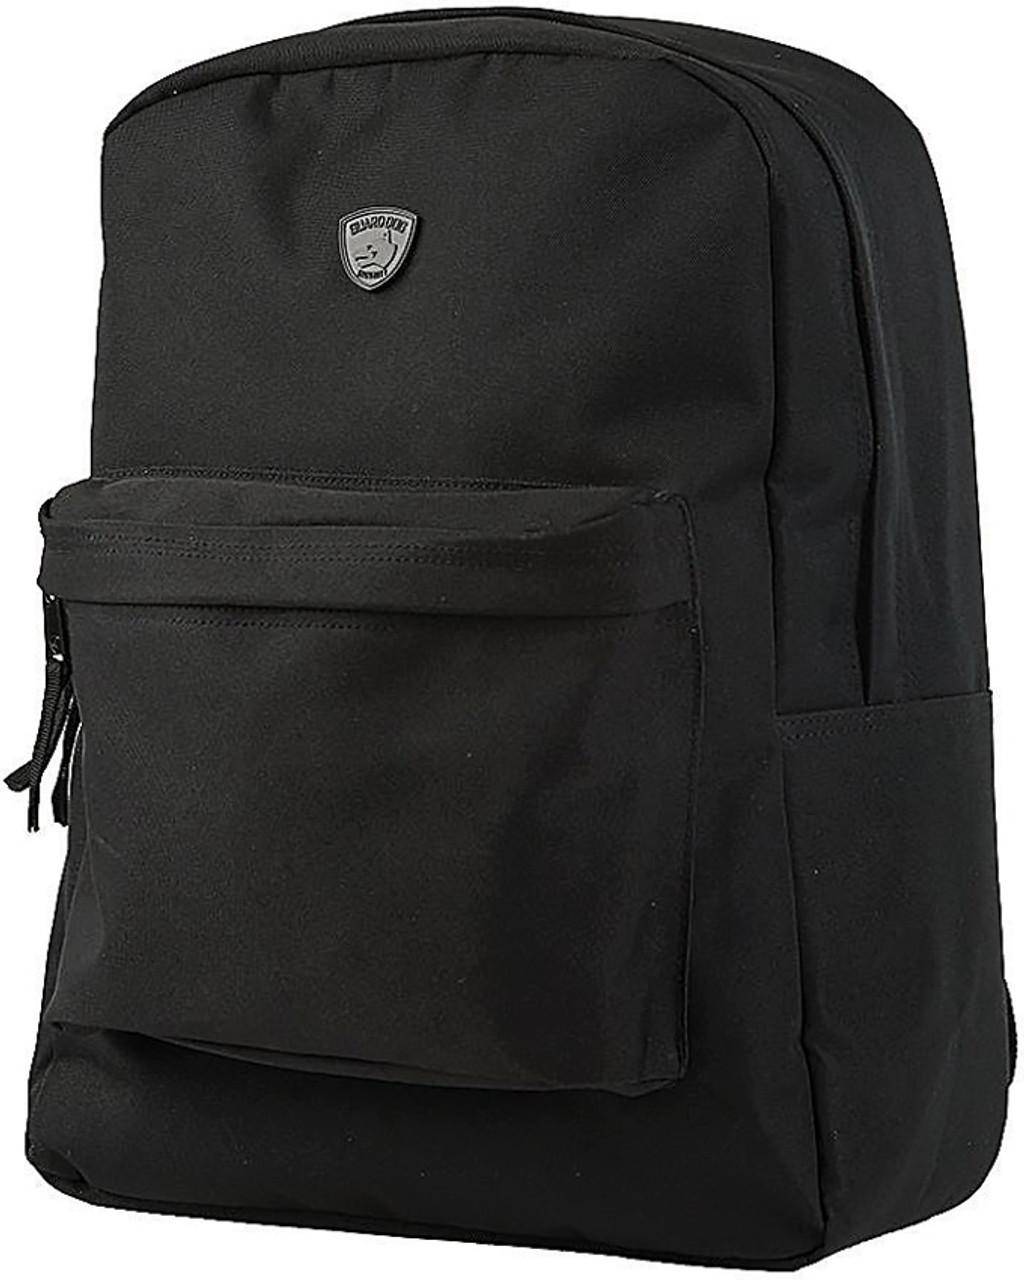 Guard Dog Proshield Scout Bulletproof Backpack-Black